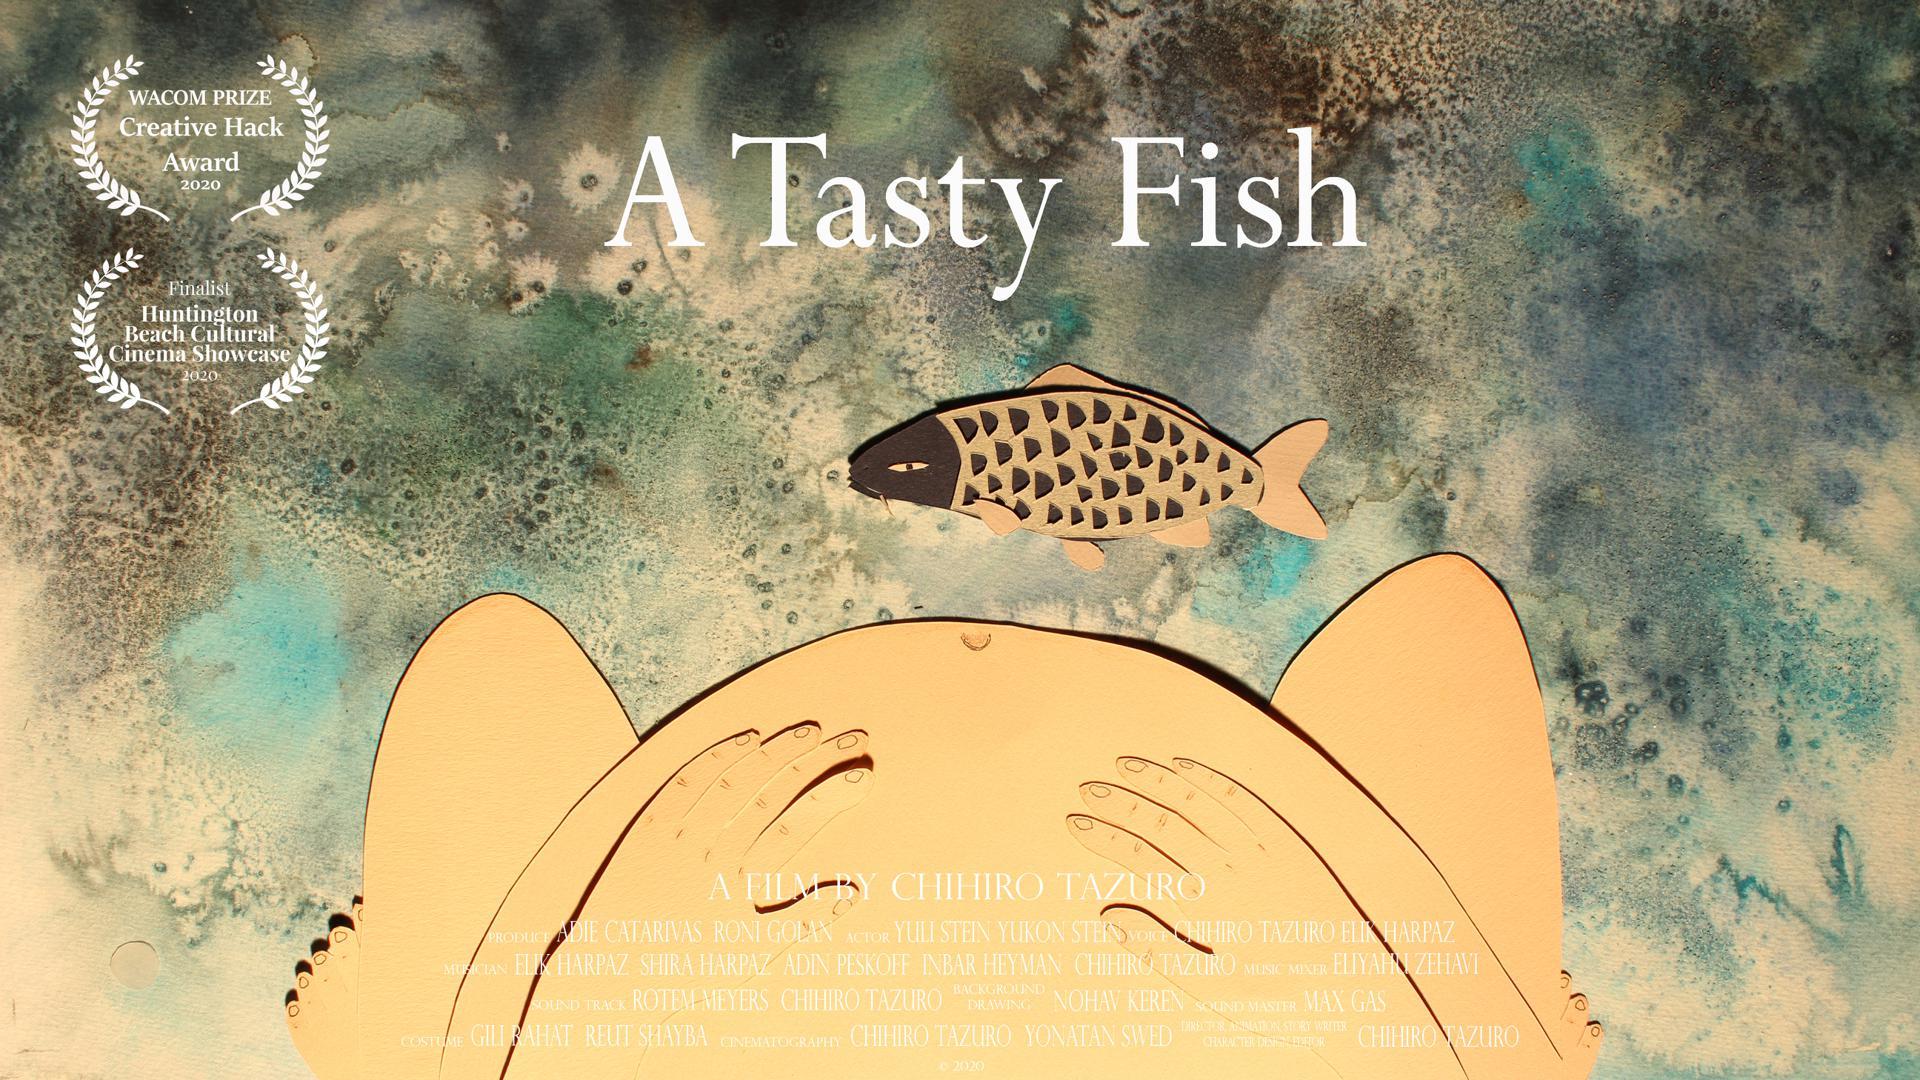 A Tasty Fish